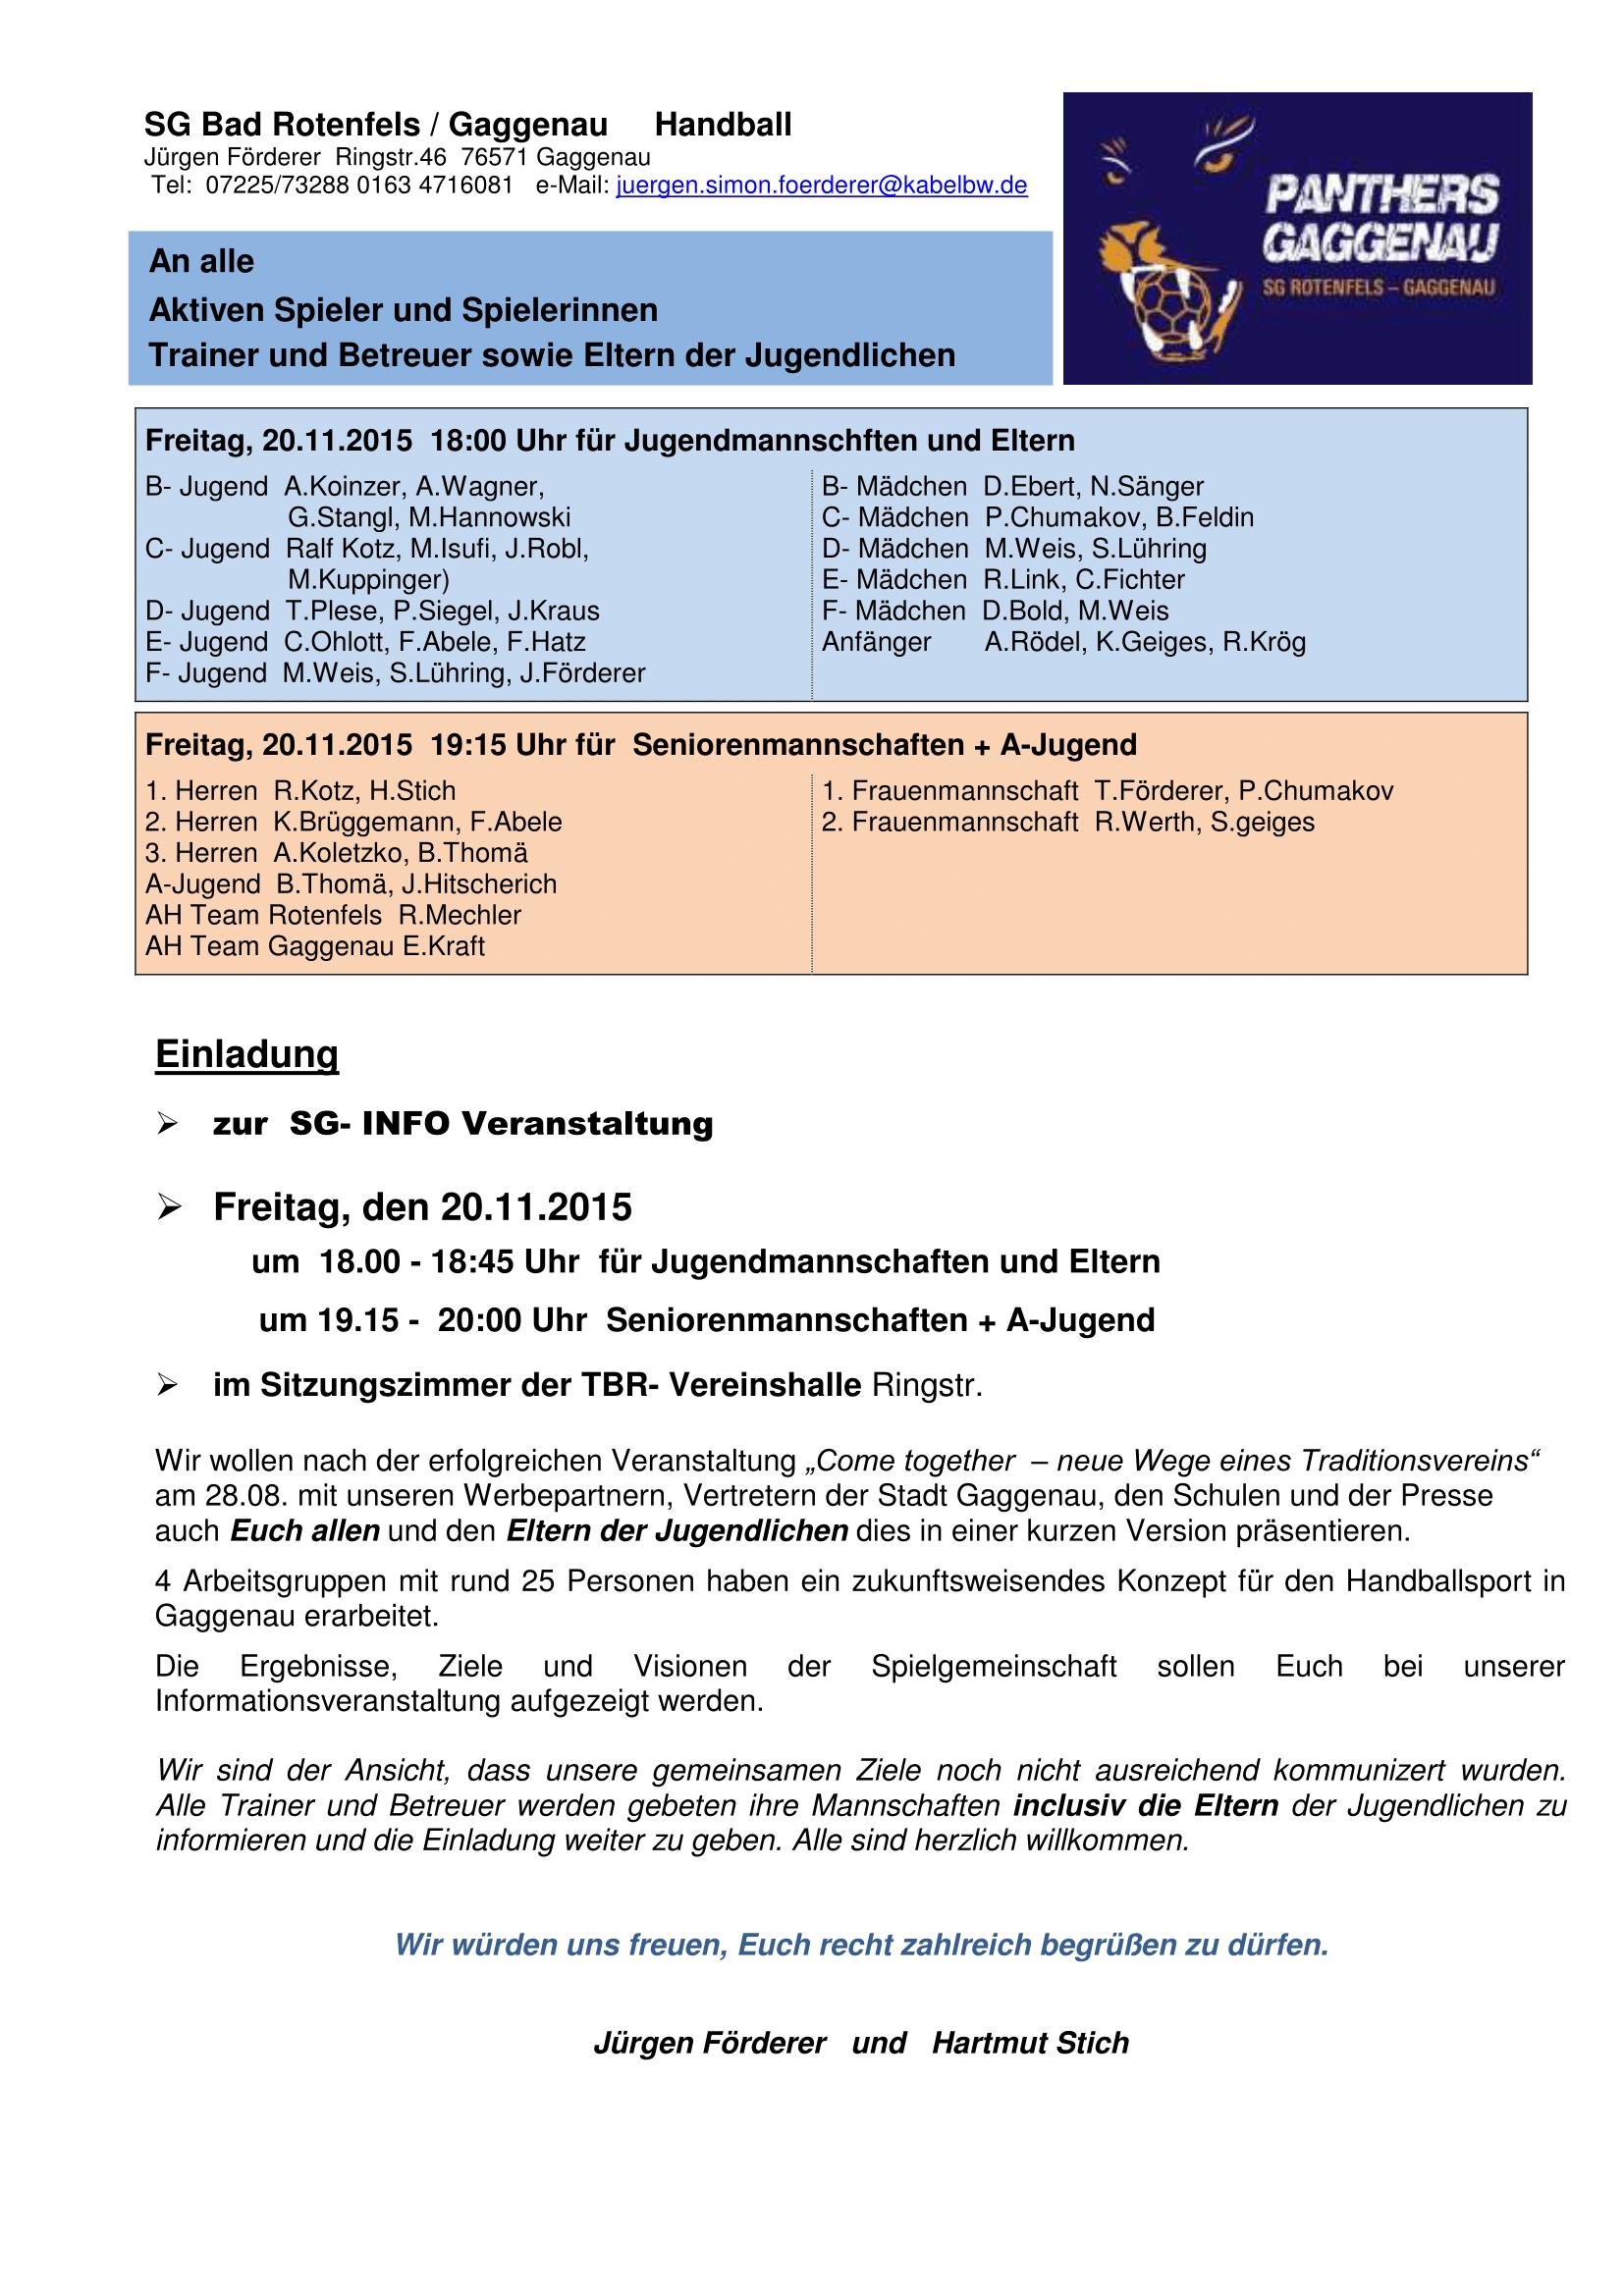 Einladung_SG-INFO-Veranstaltung-2015-11-20-1